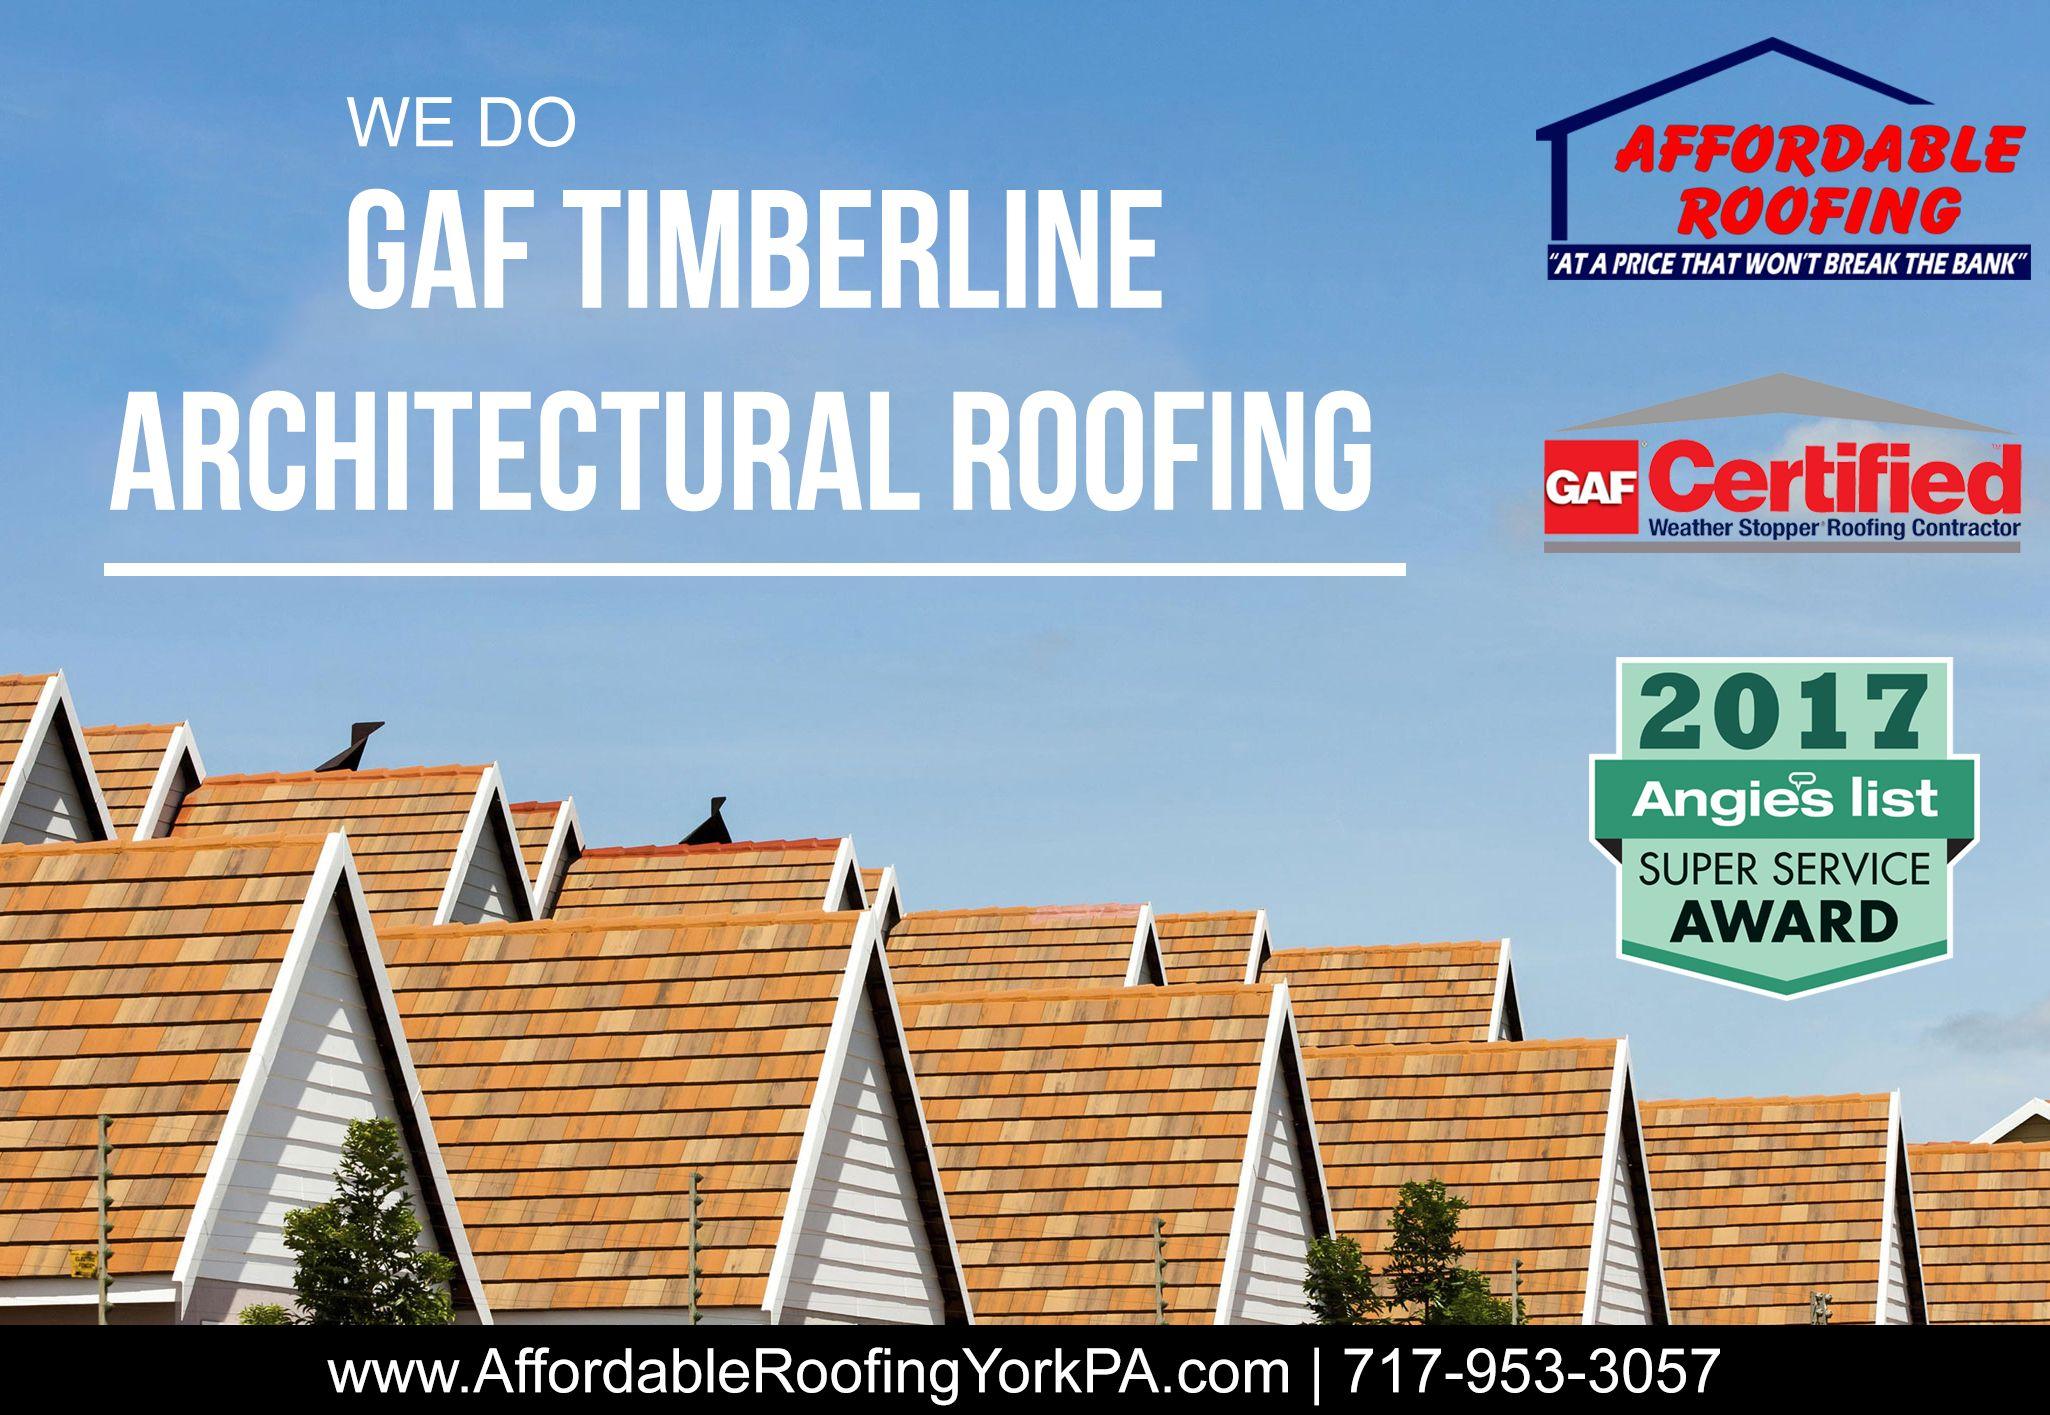 roofing contractors insurance program